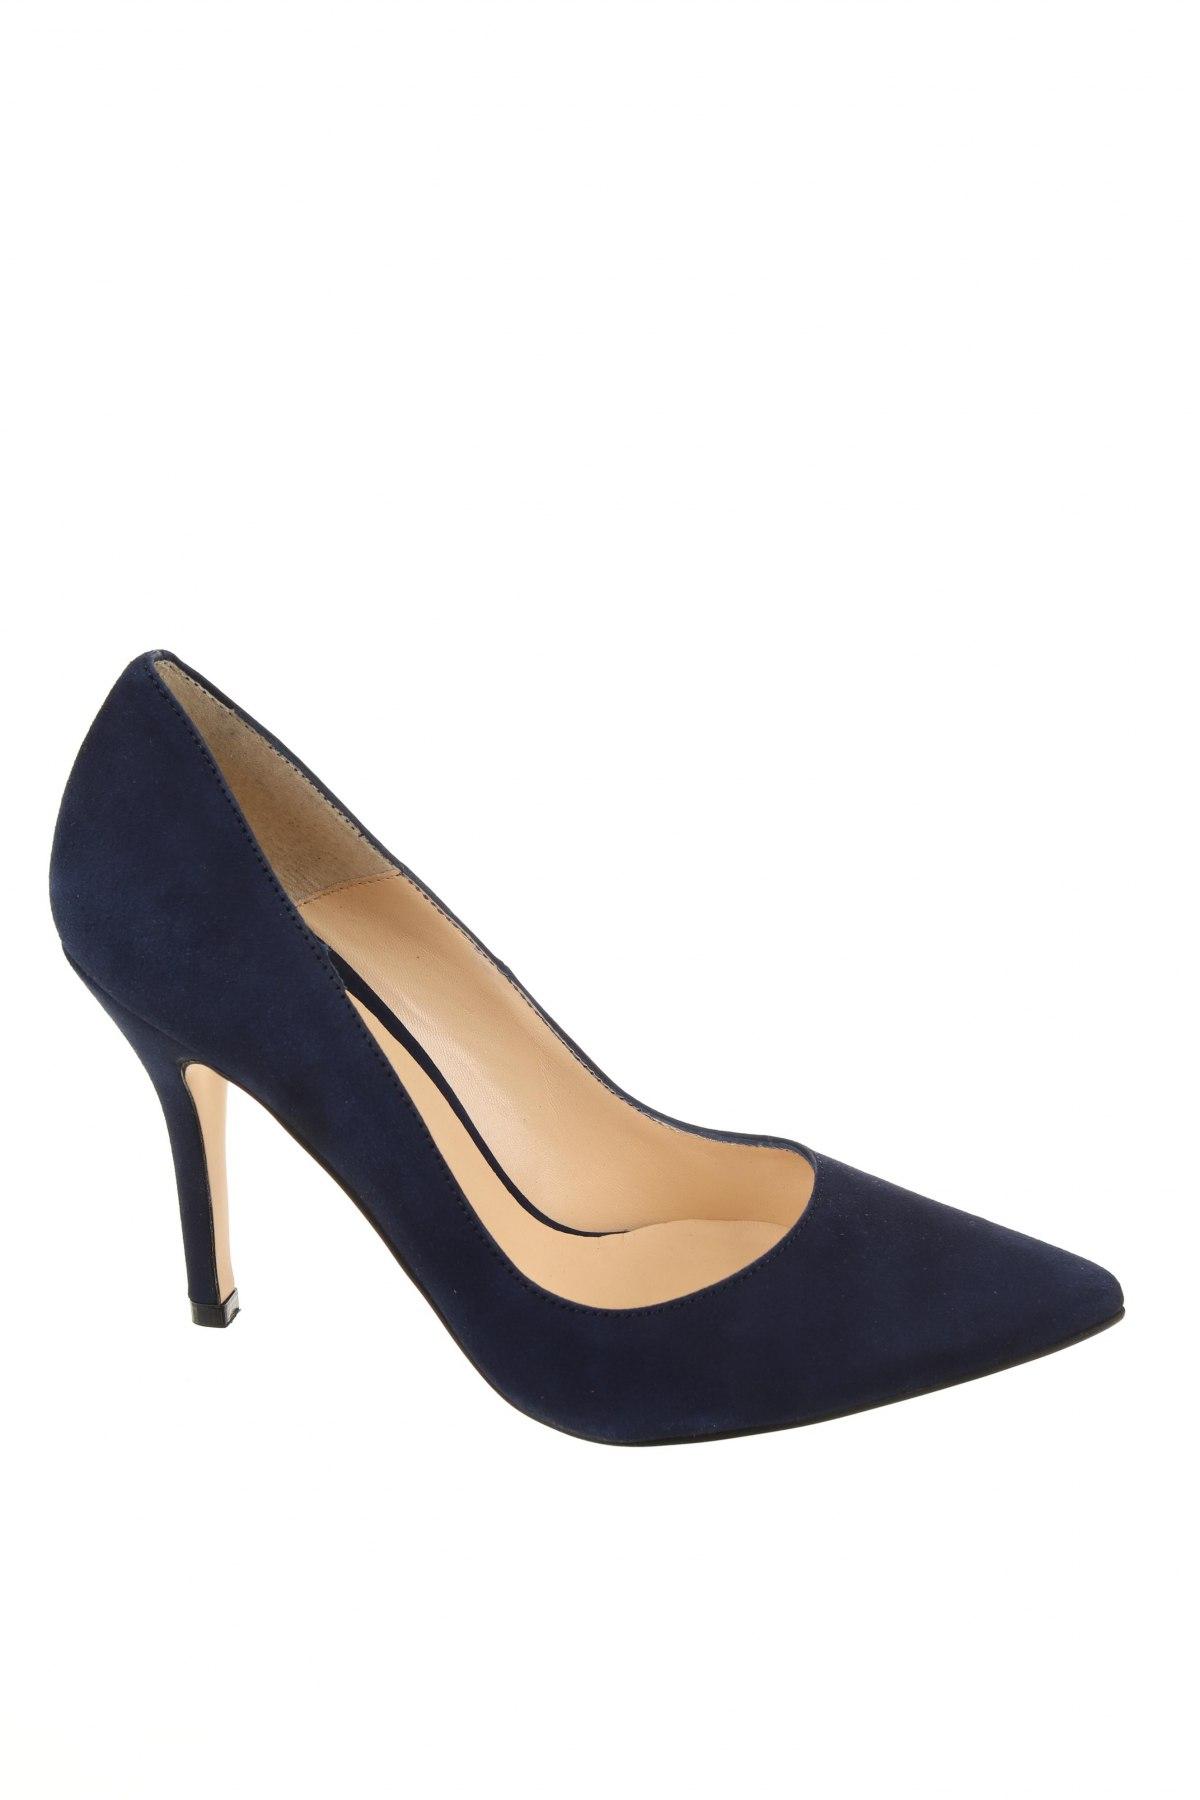 Дамски обувки Elodie, Размер 38, Цвят Син, Естествен велур, Цена 104,25лв.